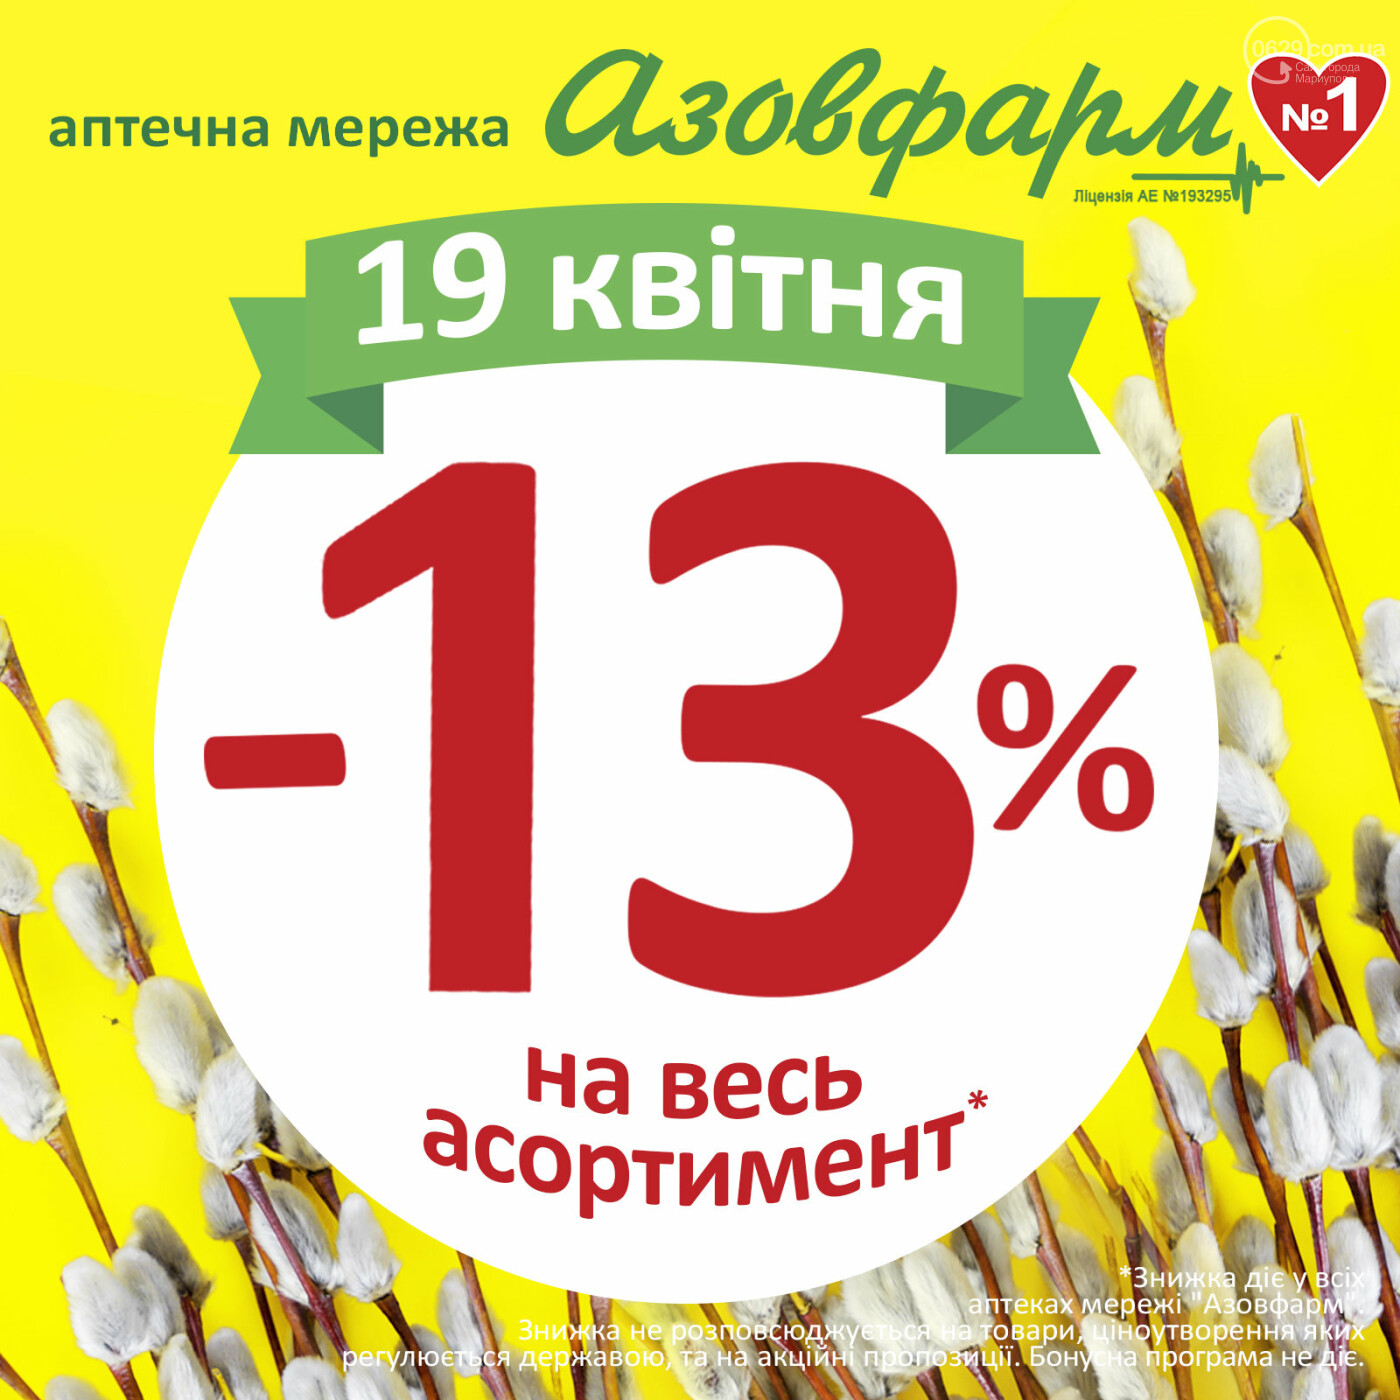 """19 квітня в """"Азовфарм"""" знижка 13% на все, фото-1"""